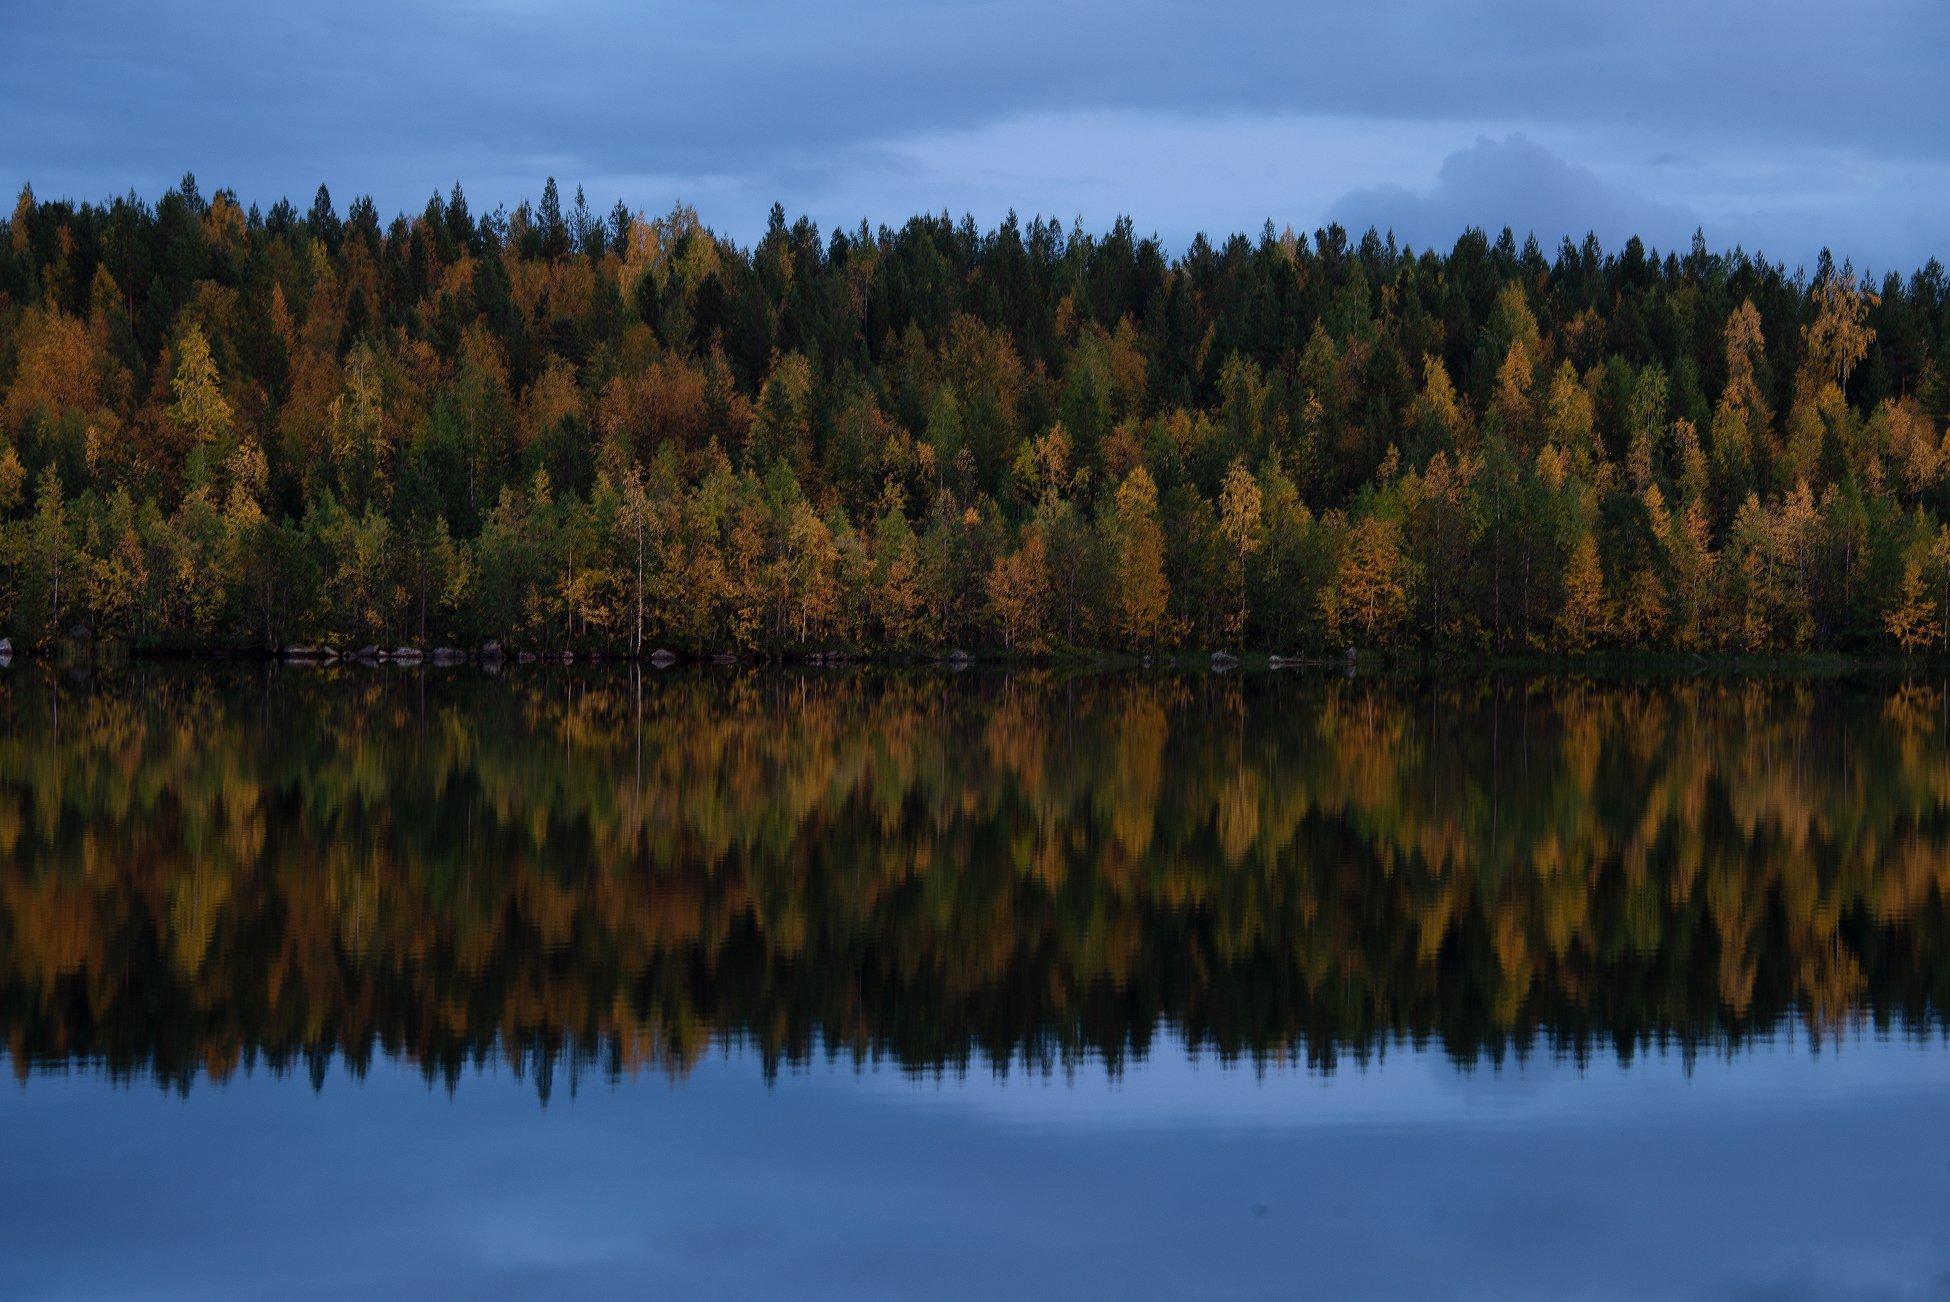 Кольский полуостров, озеро Марфа, осень, autumn, lake, Анастасия Малых